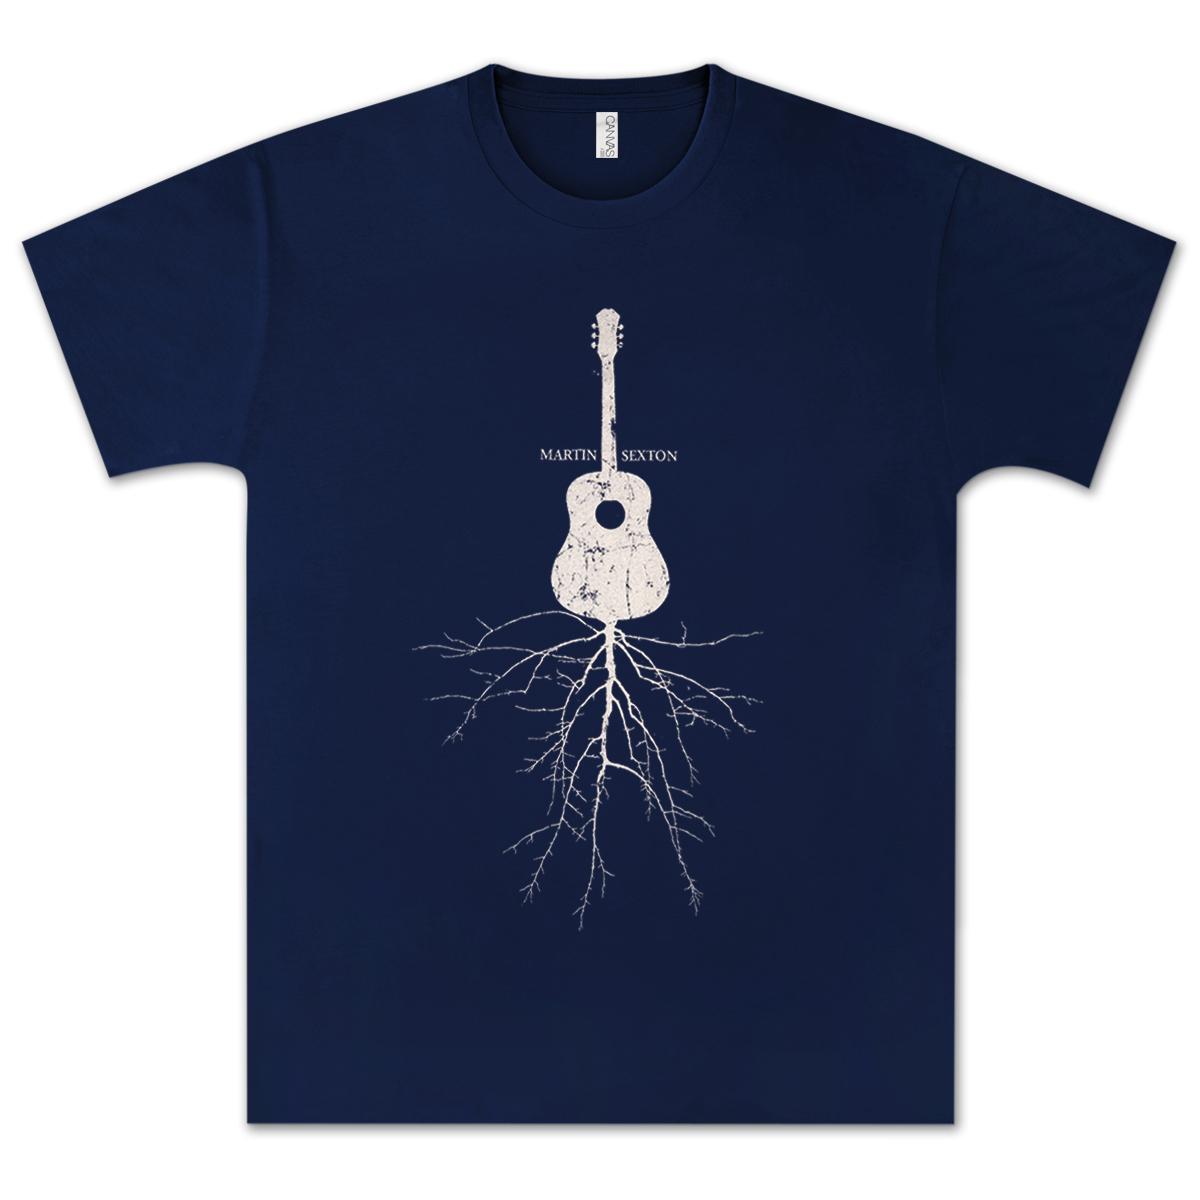 Martin Sexton Rootsy Navy T-Shirt